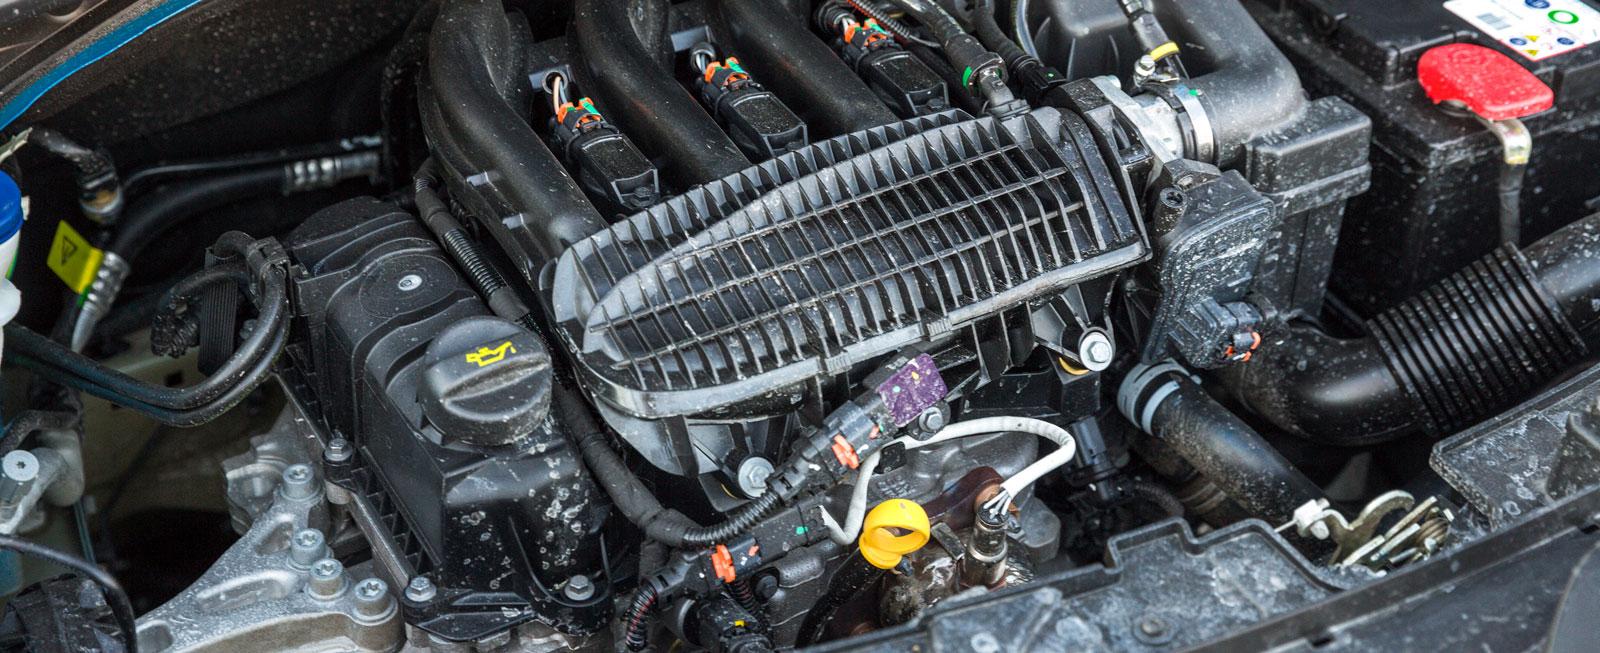 En lågmäld karaktär som på trecylind-riga motorers vis arbetar mycket jämnt. Finns också med turbo och ger då 110 hk – med testbilens 82 är det nätt och jämnt att effekten räcker för alla uppdrag. Men snål på dropparna är den i alla fall.